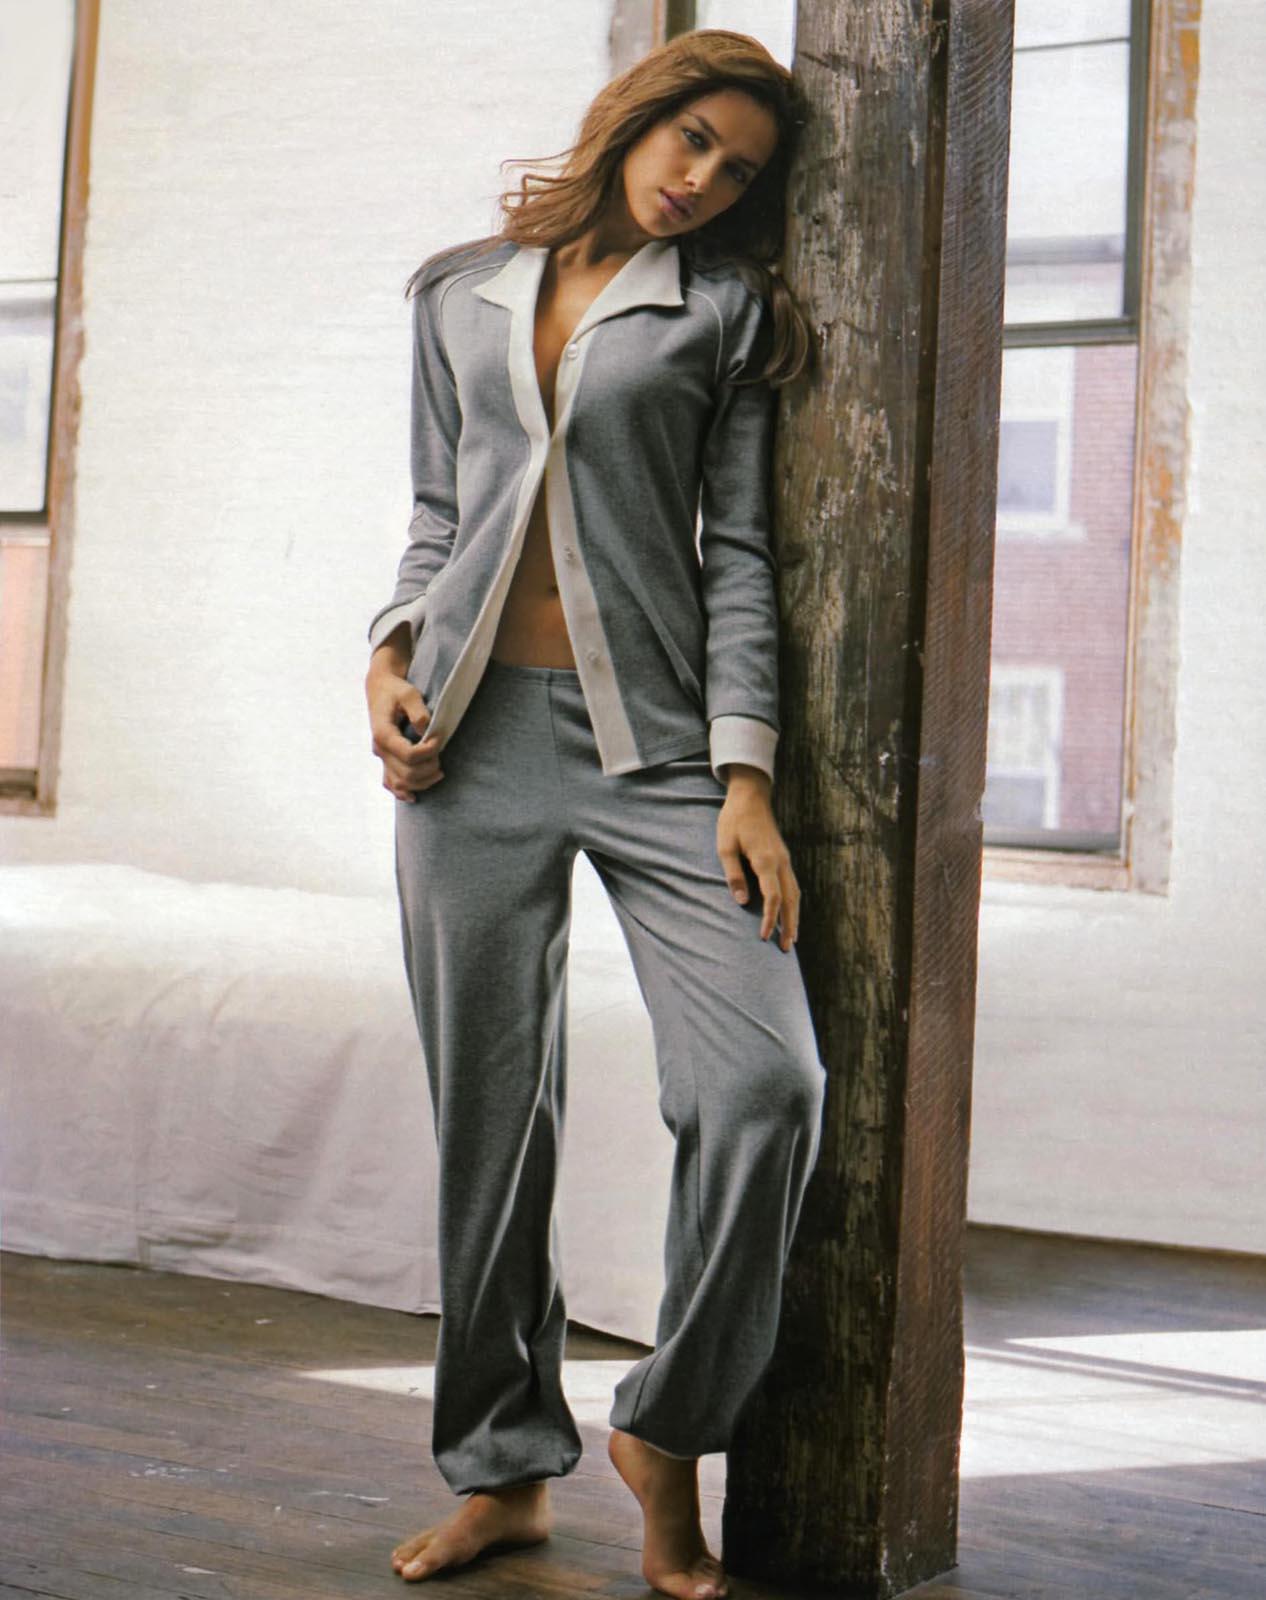 irina shayk13 Model Irina Shayk, Christiano Ronaldo`s Girlfriend